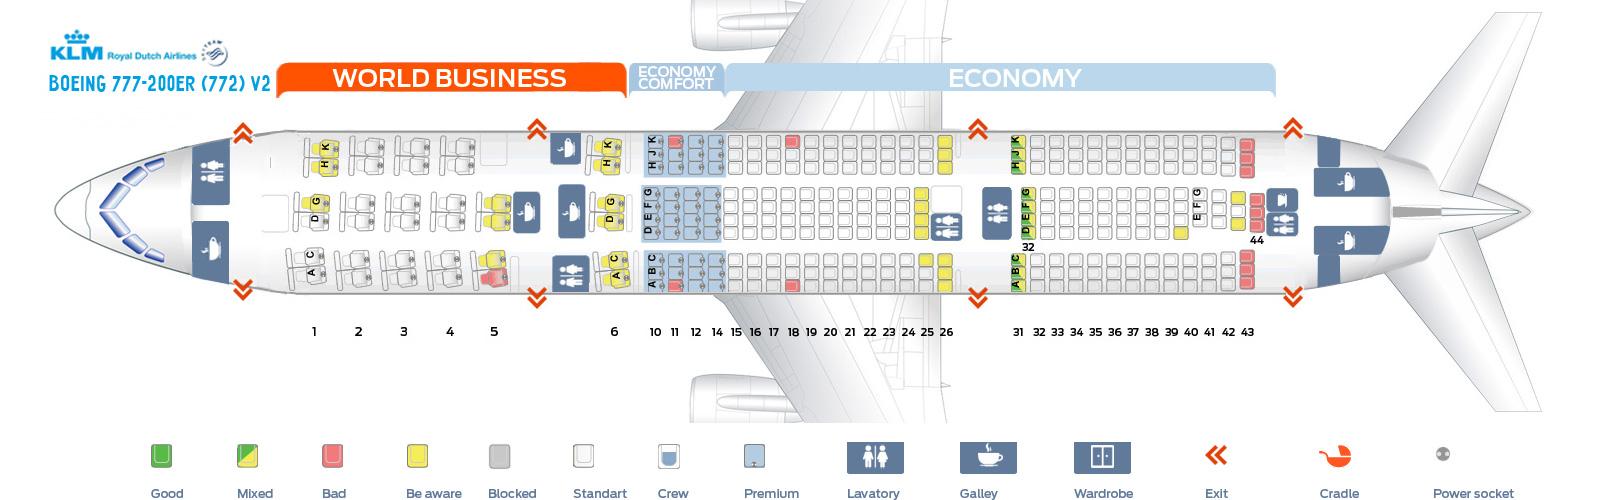 Seat Map Boeing 777-200ER V2 KLM Airlines